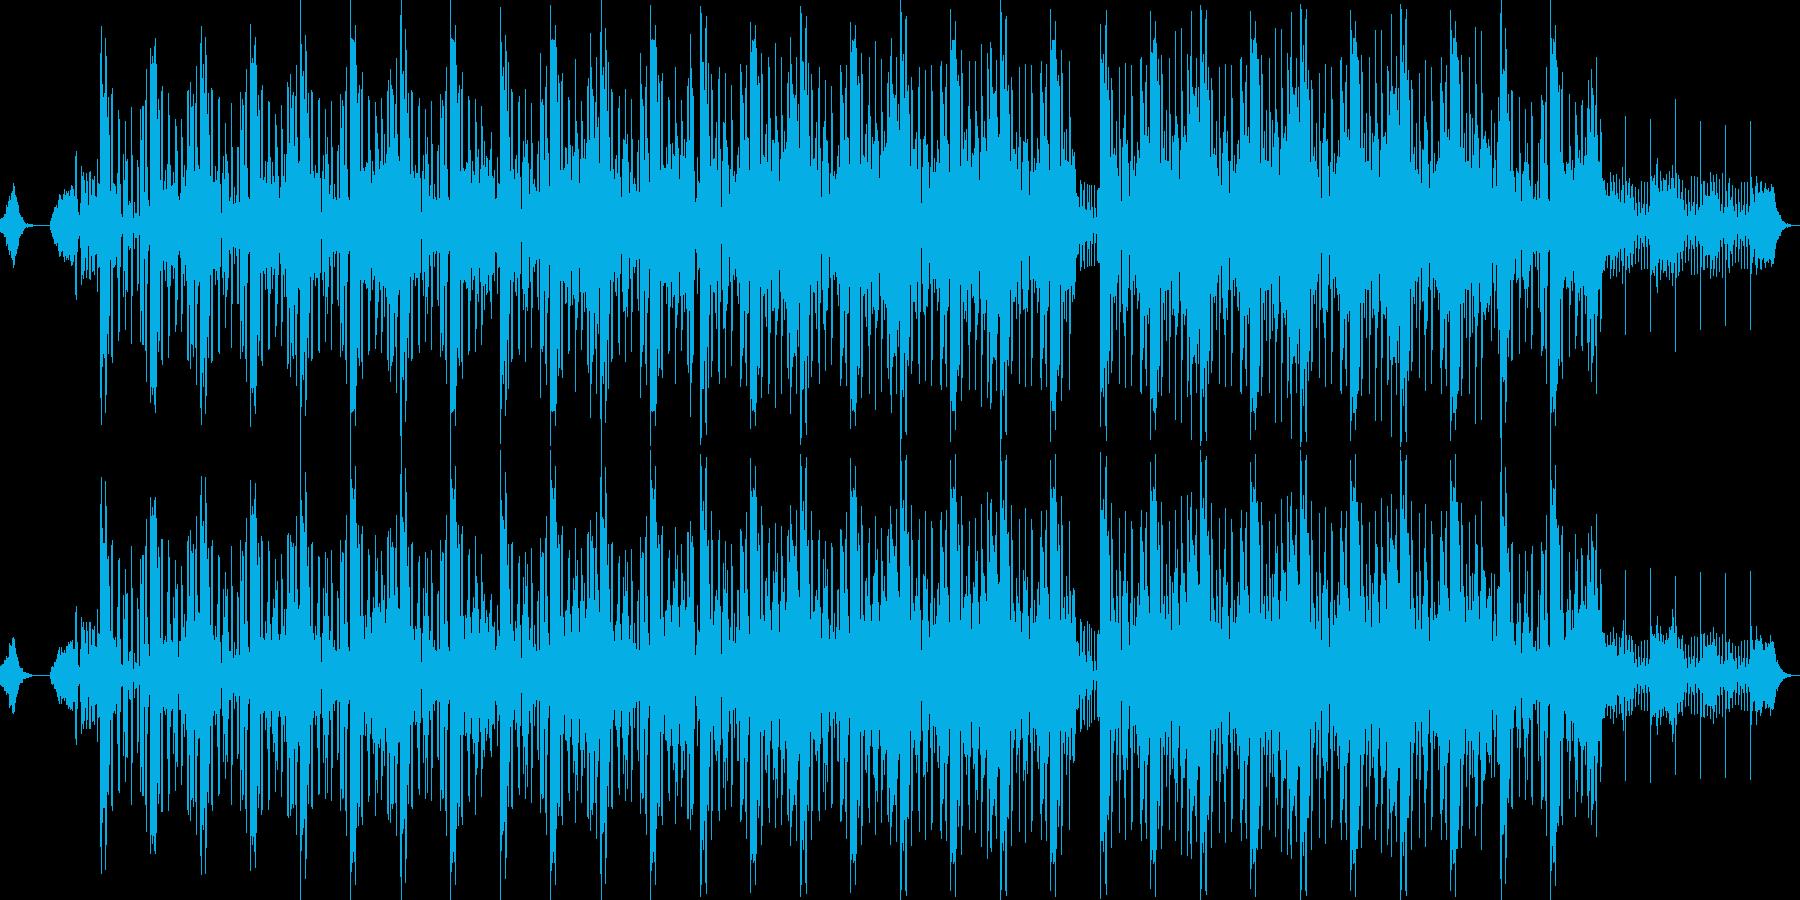 哀愁感のあるダウンテンポBGMの再生済みの波形